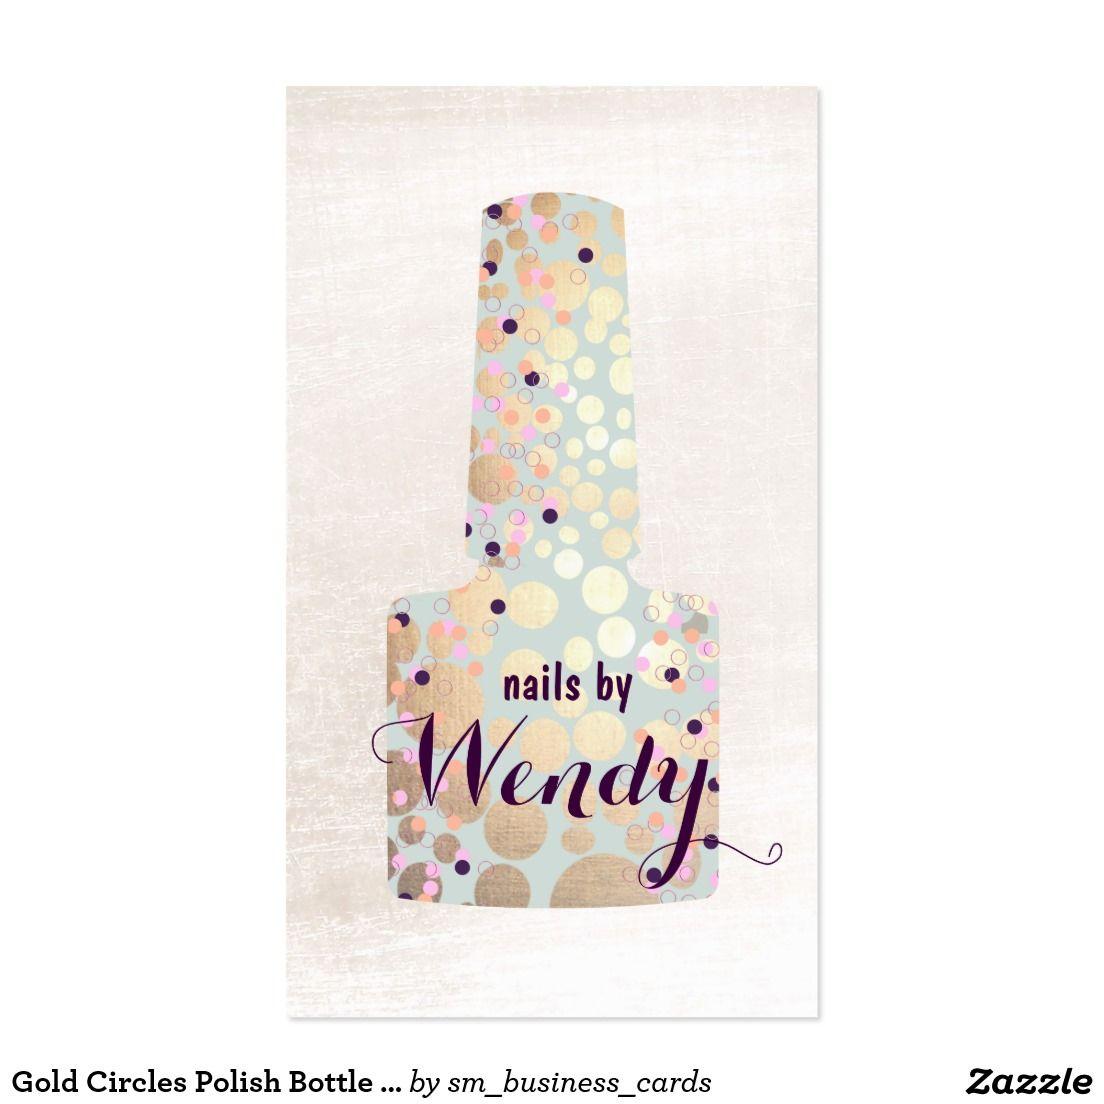 Gold Circles Polish Bottle Nail Salon Manicurist Business Card ...